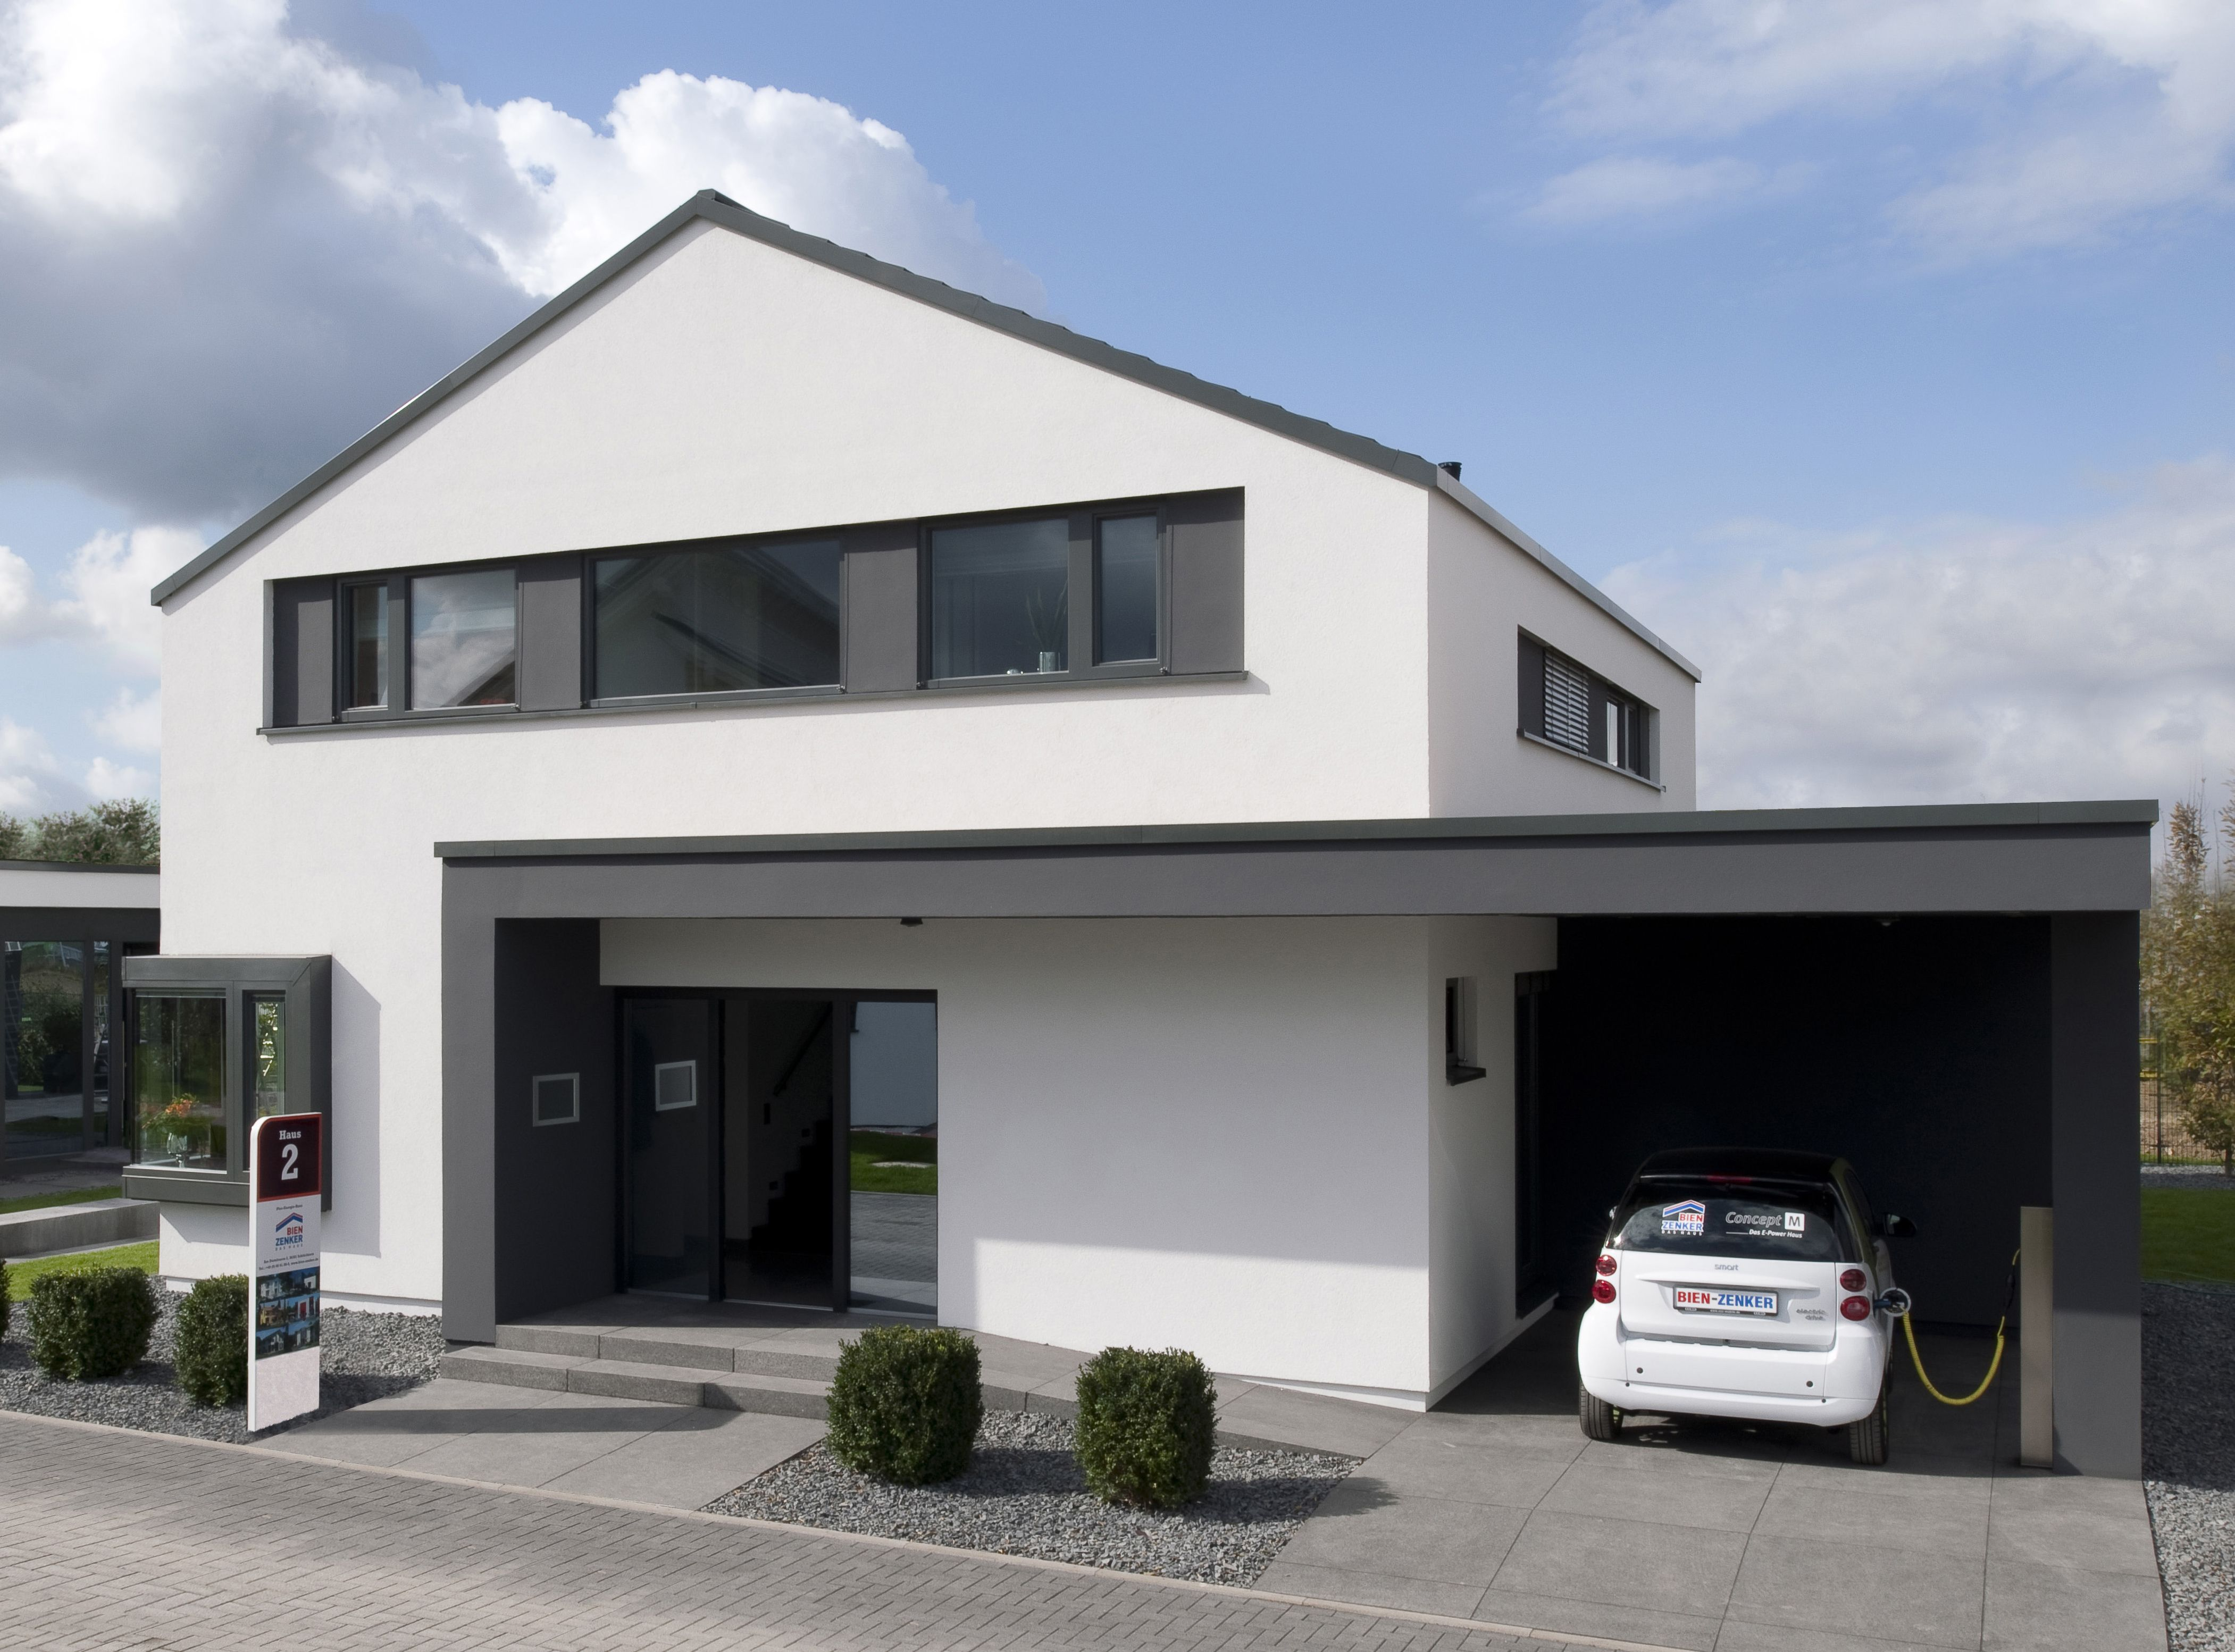 Stadtvilla Satteldach Moderne Architektur Dortmund: Hauseingang / Vorgarten